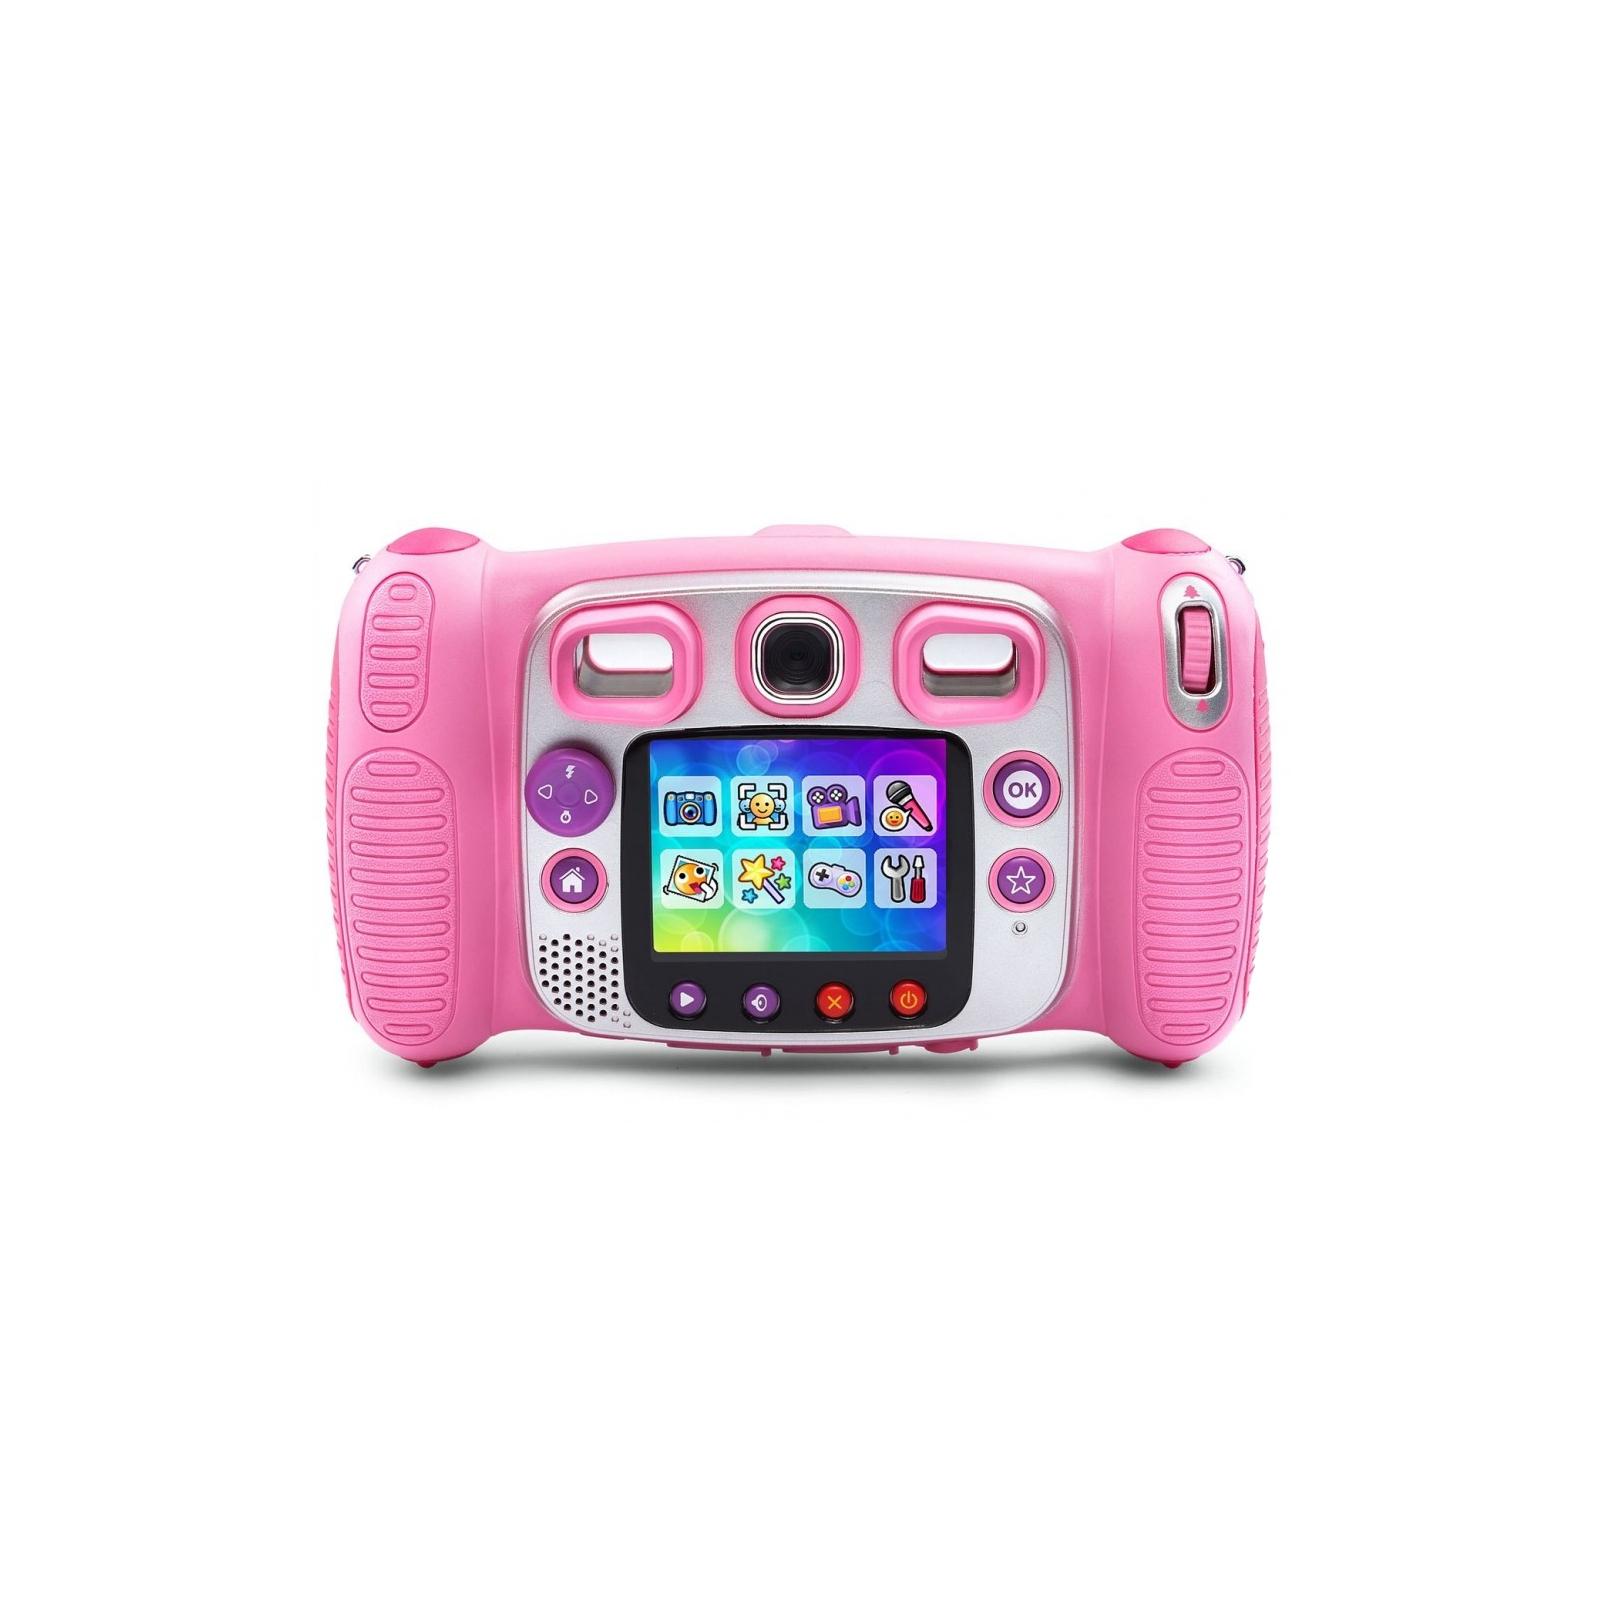 Интерактивная игрушка VTech Детская цифровая фотокамера Kidizoom Duo Pink (80-170853) изображение 2